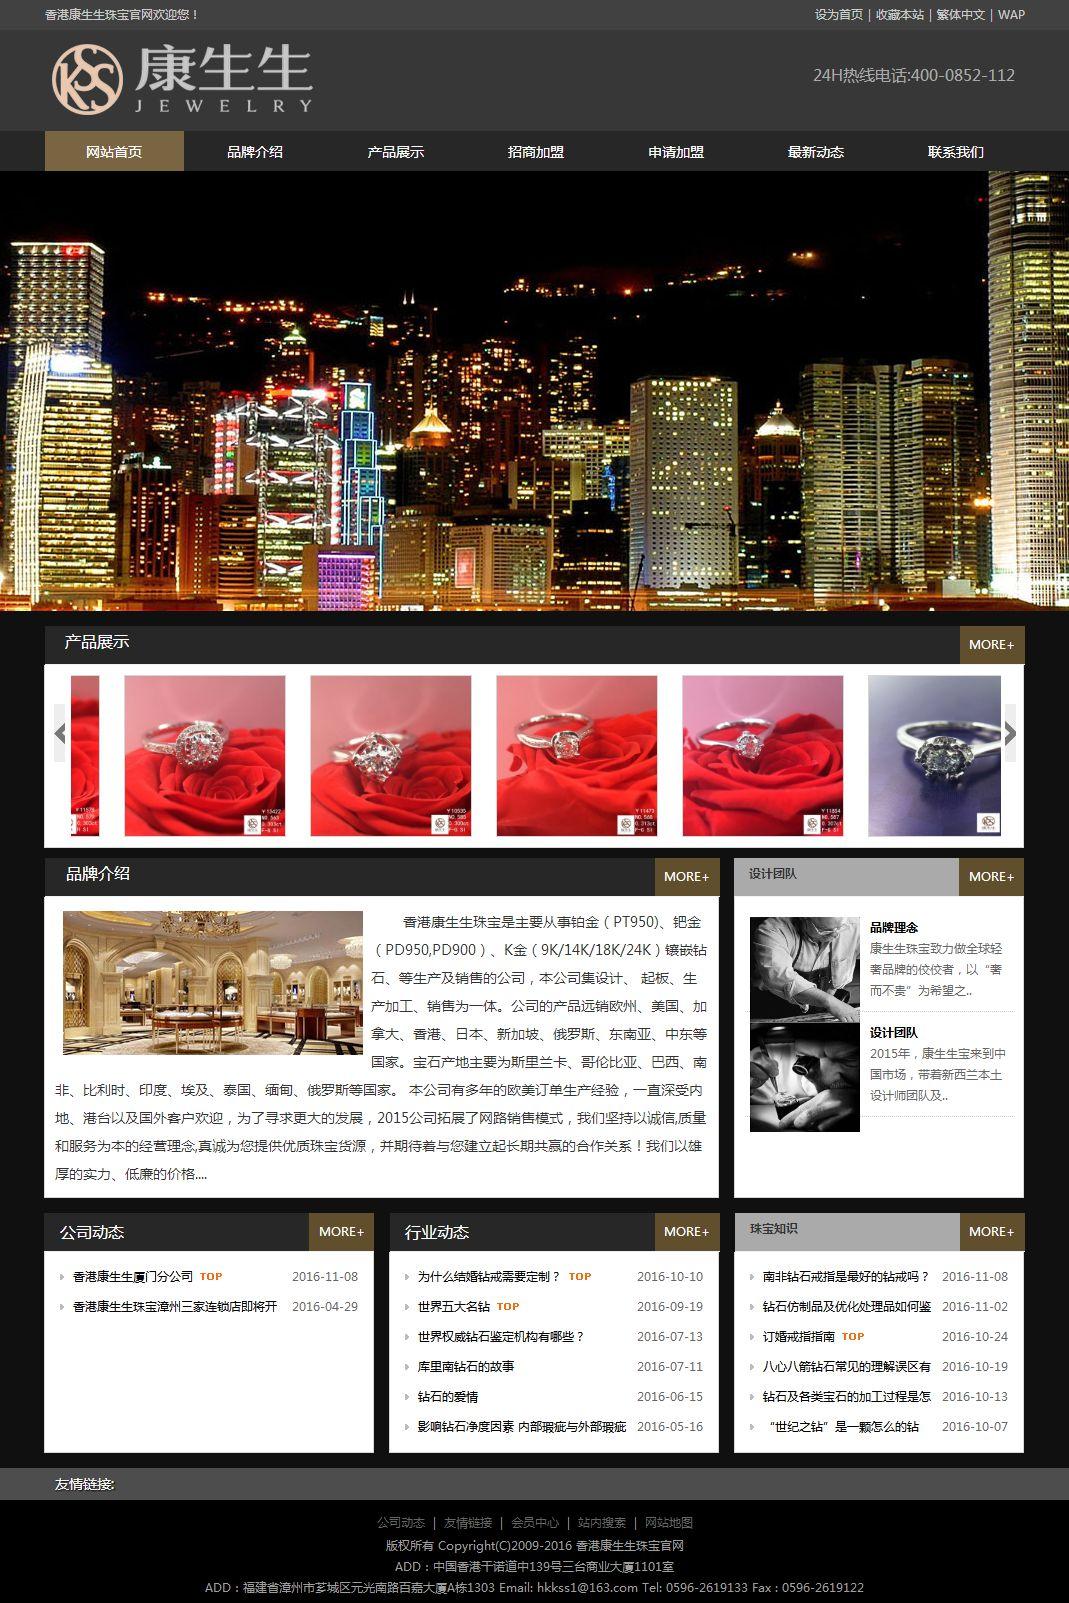 珠宝网站案例